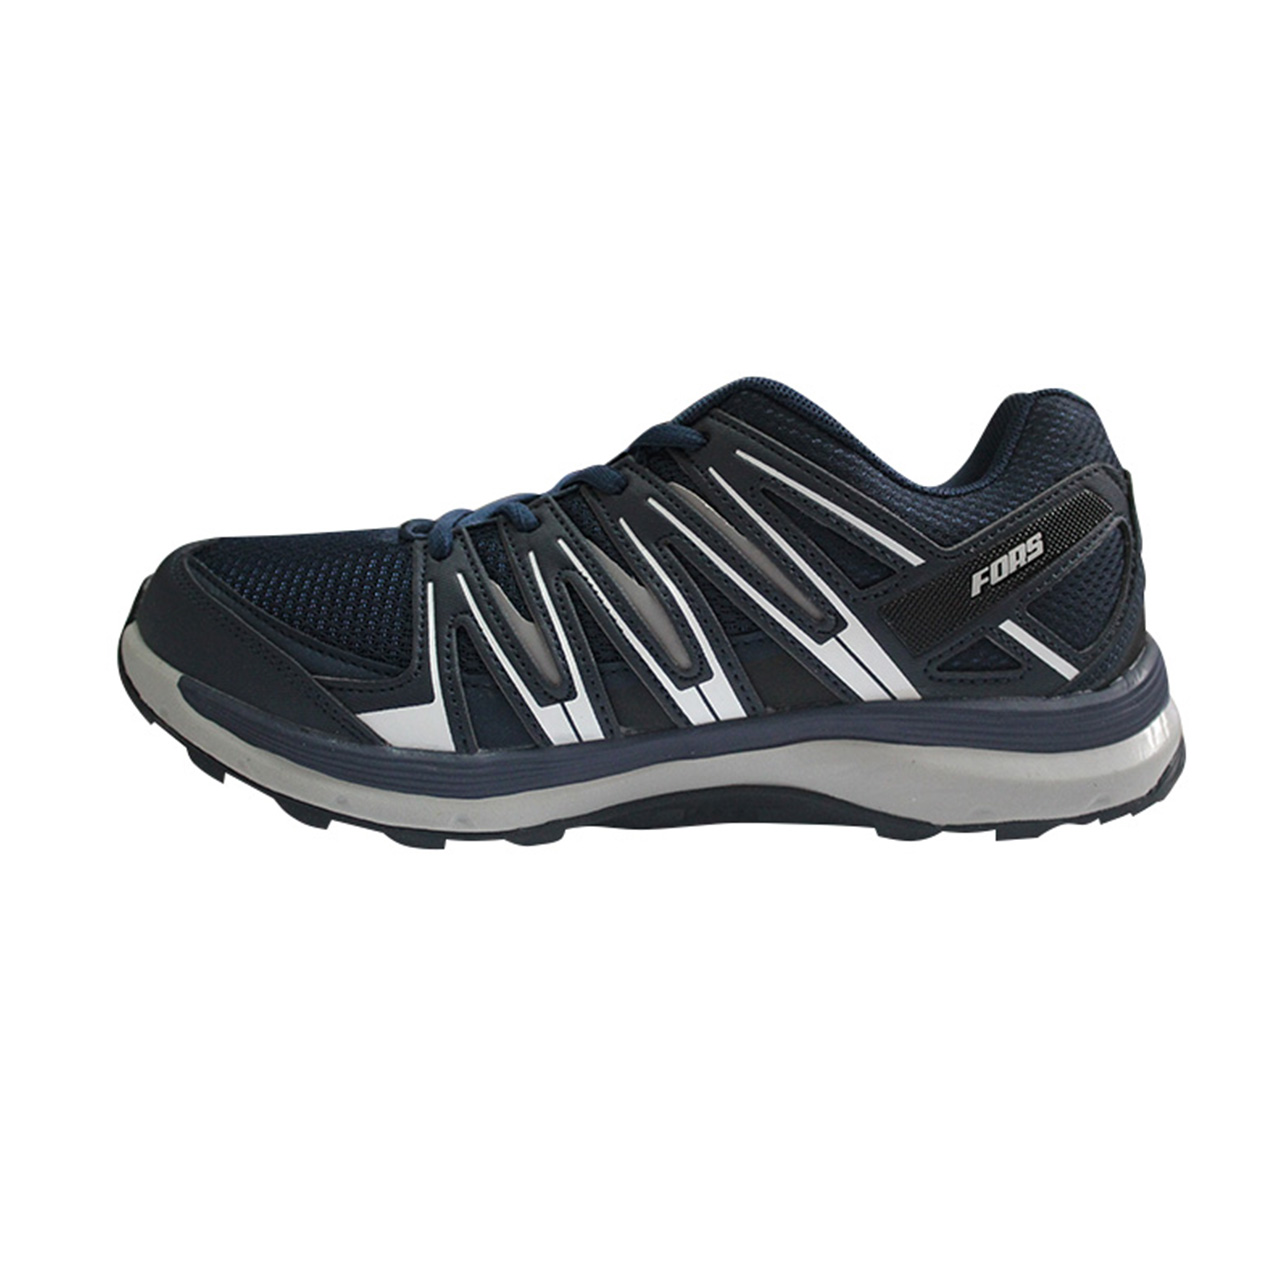 کفش مخصوص پیاده روی مردانه فورس مدل 3122m2D